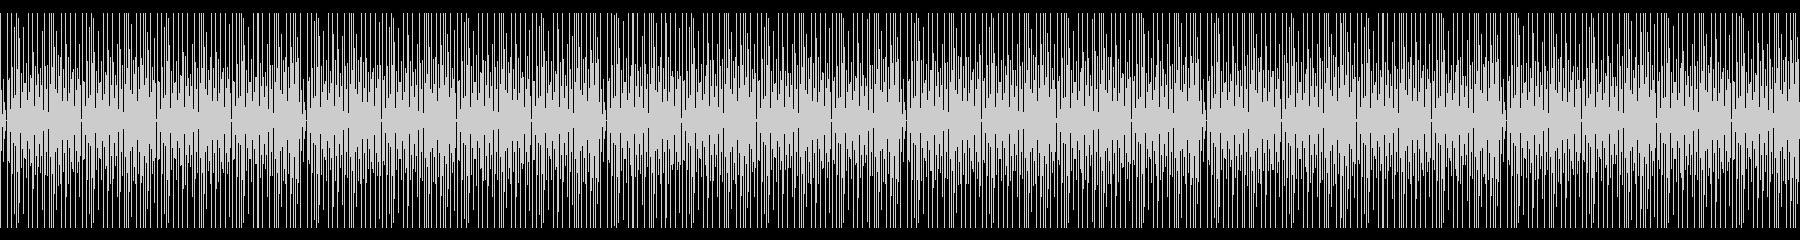 シンプルコミカルかわいい木琴BGMの未再生の波形